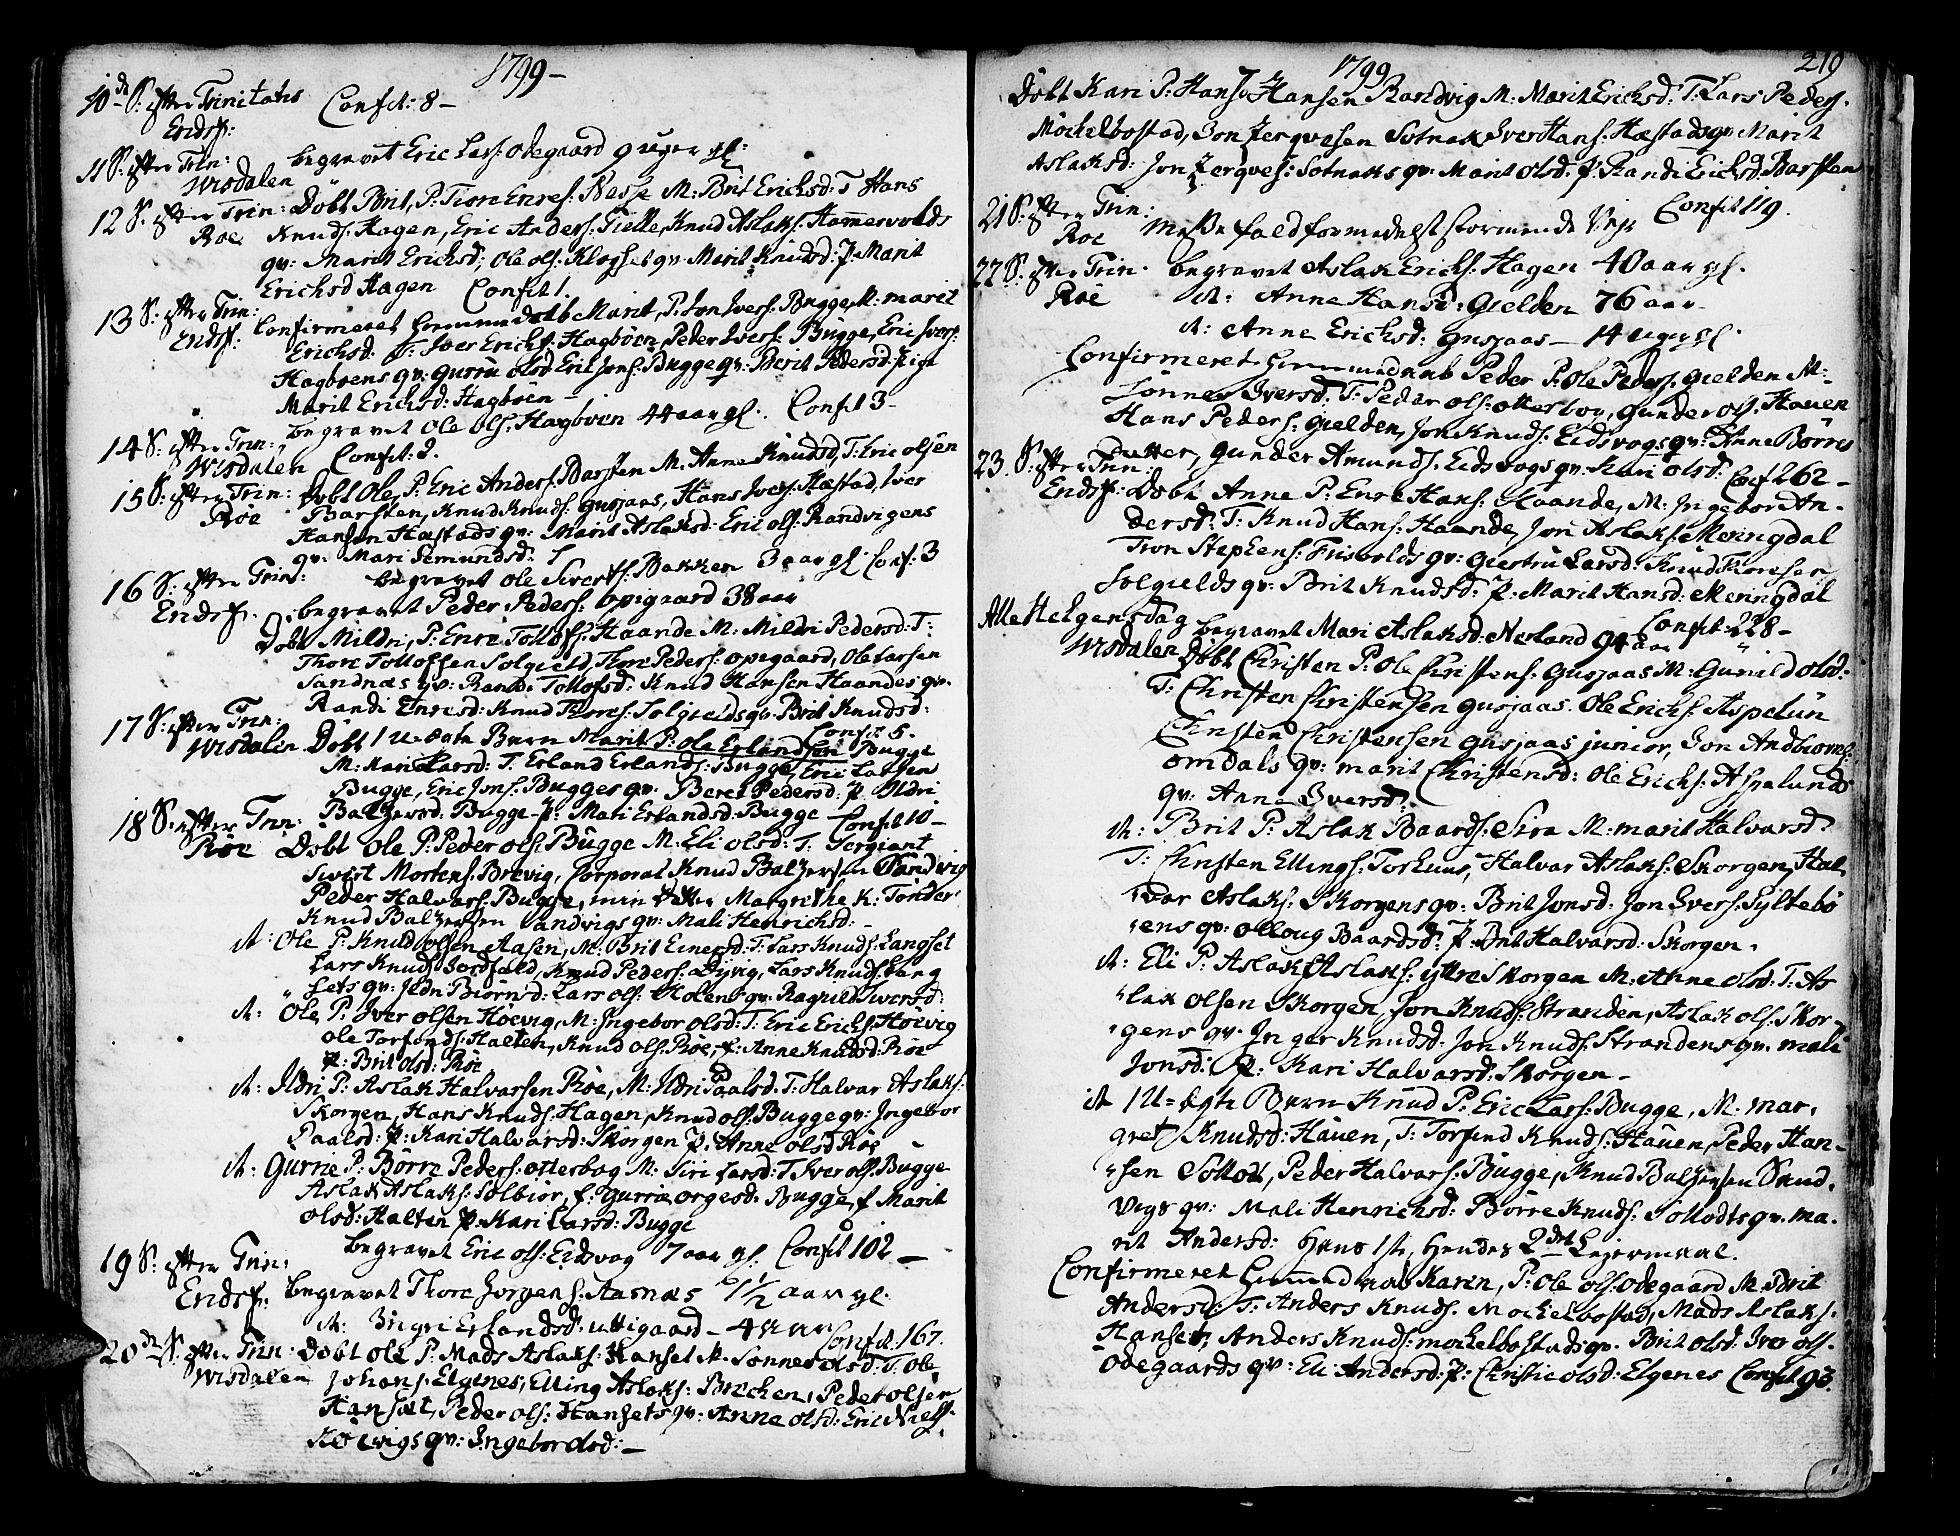 SAT, Ministerialprotokoller, klokkerbøker og fødselsregistre - Møre og Romsdal, 551/L0621: Ministerialbok nr. 551A01, 1757-1803, s. 219